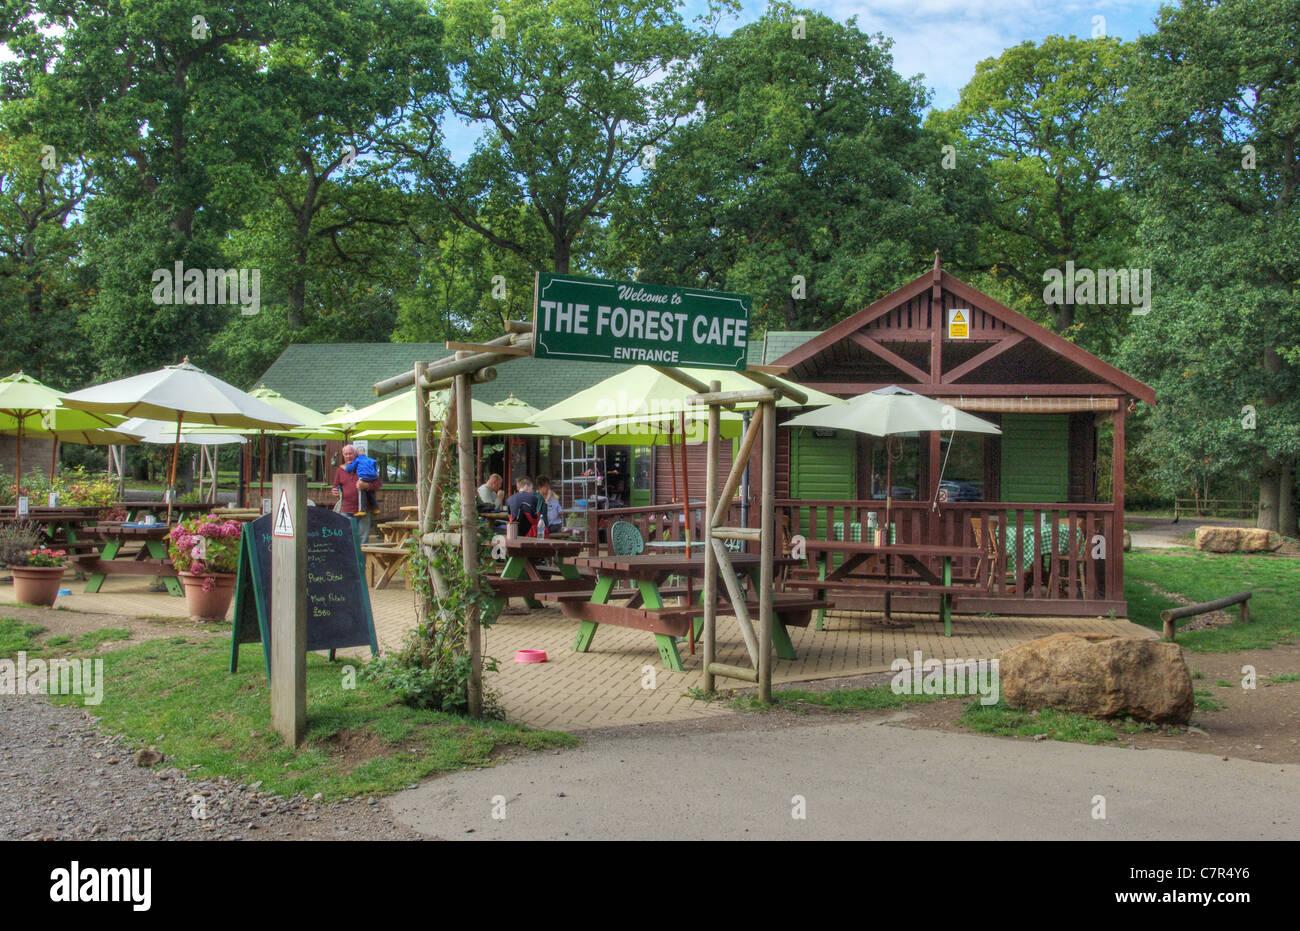 Is Bridge Cafe Open